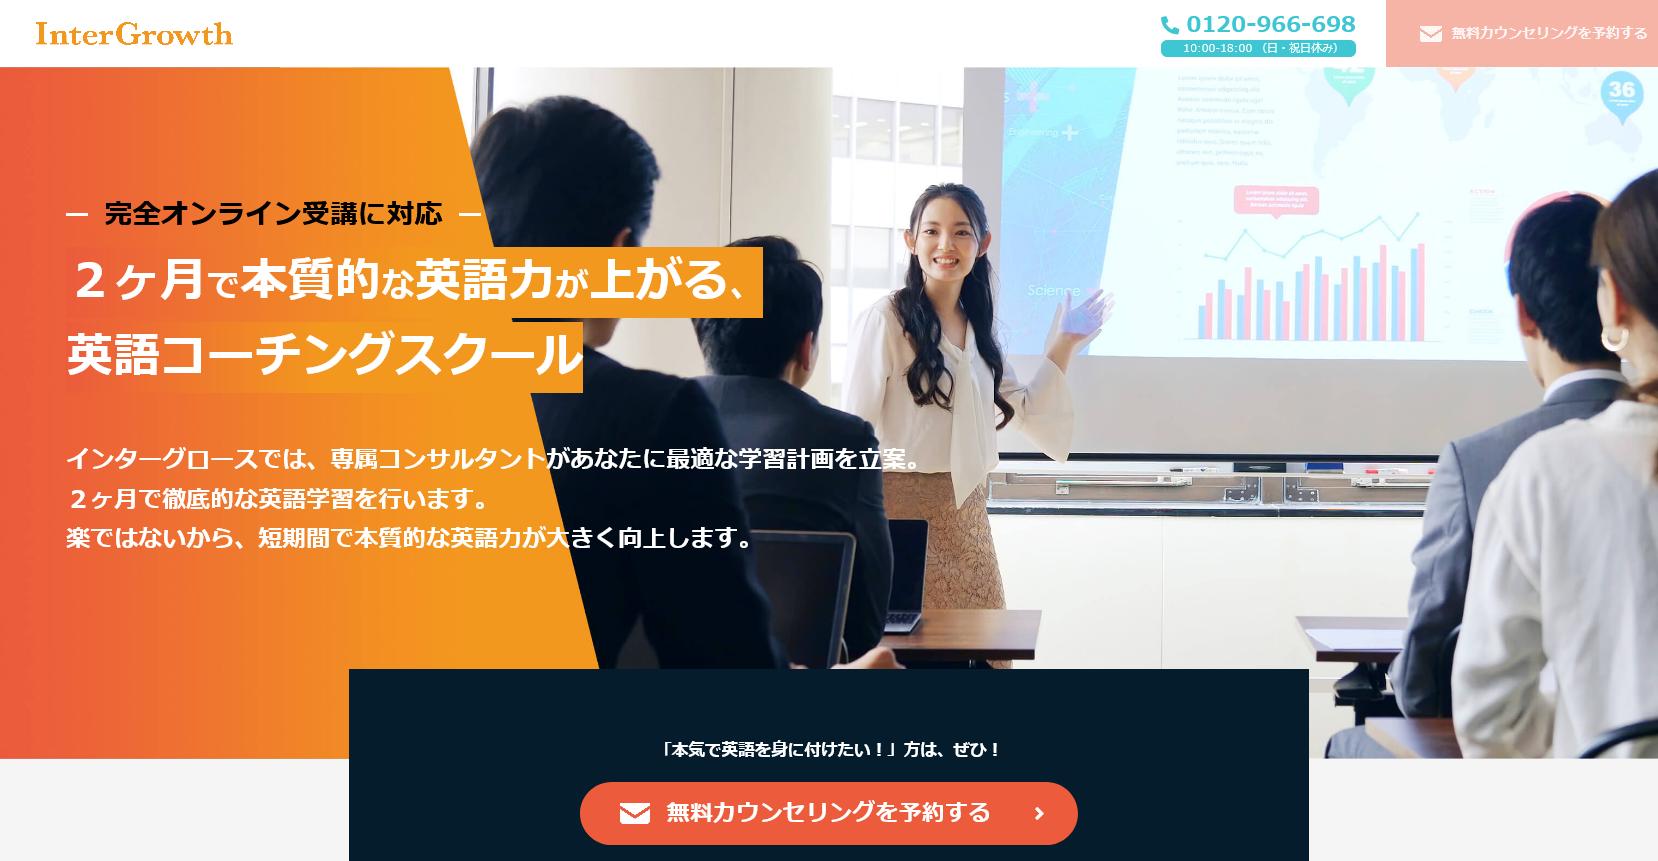 【公式】英語コーチングのInterGrowth(インターグロース)